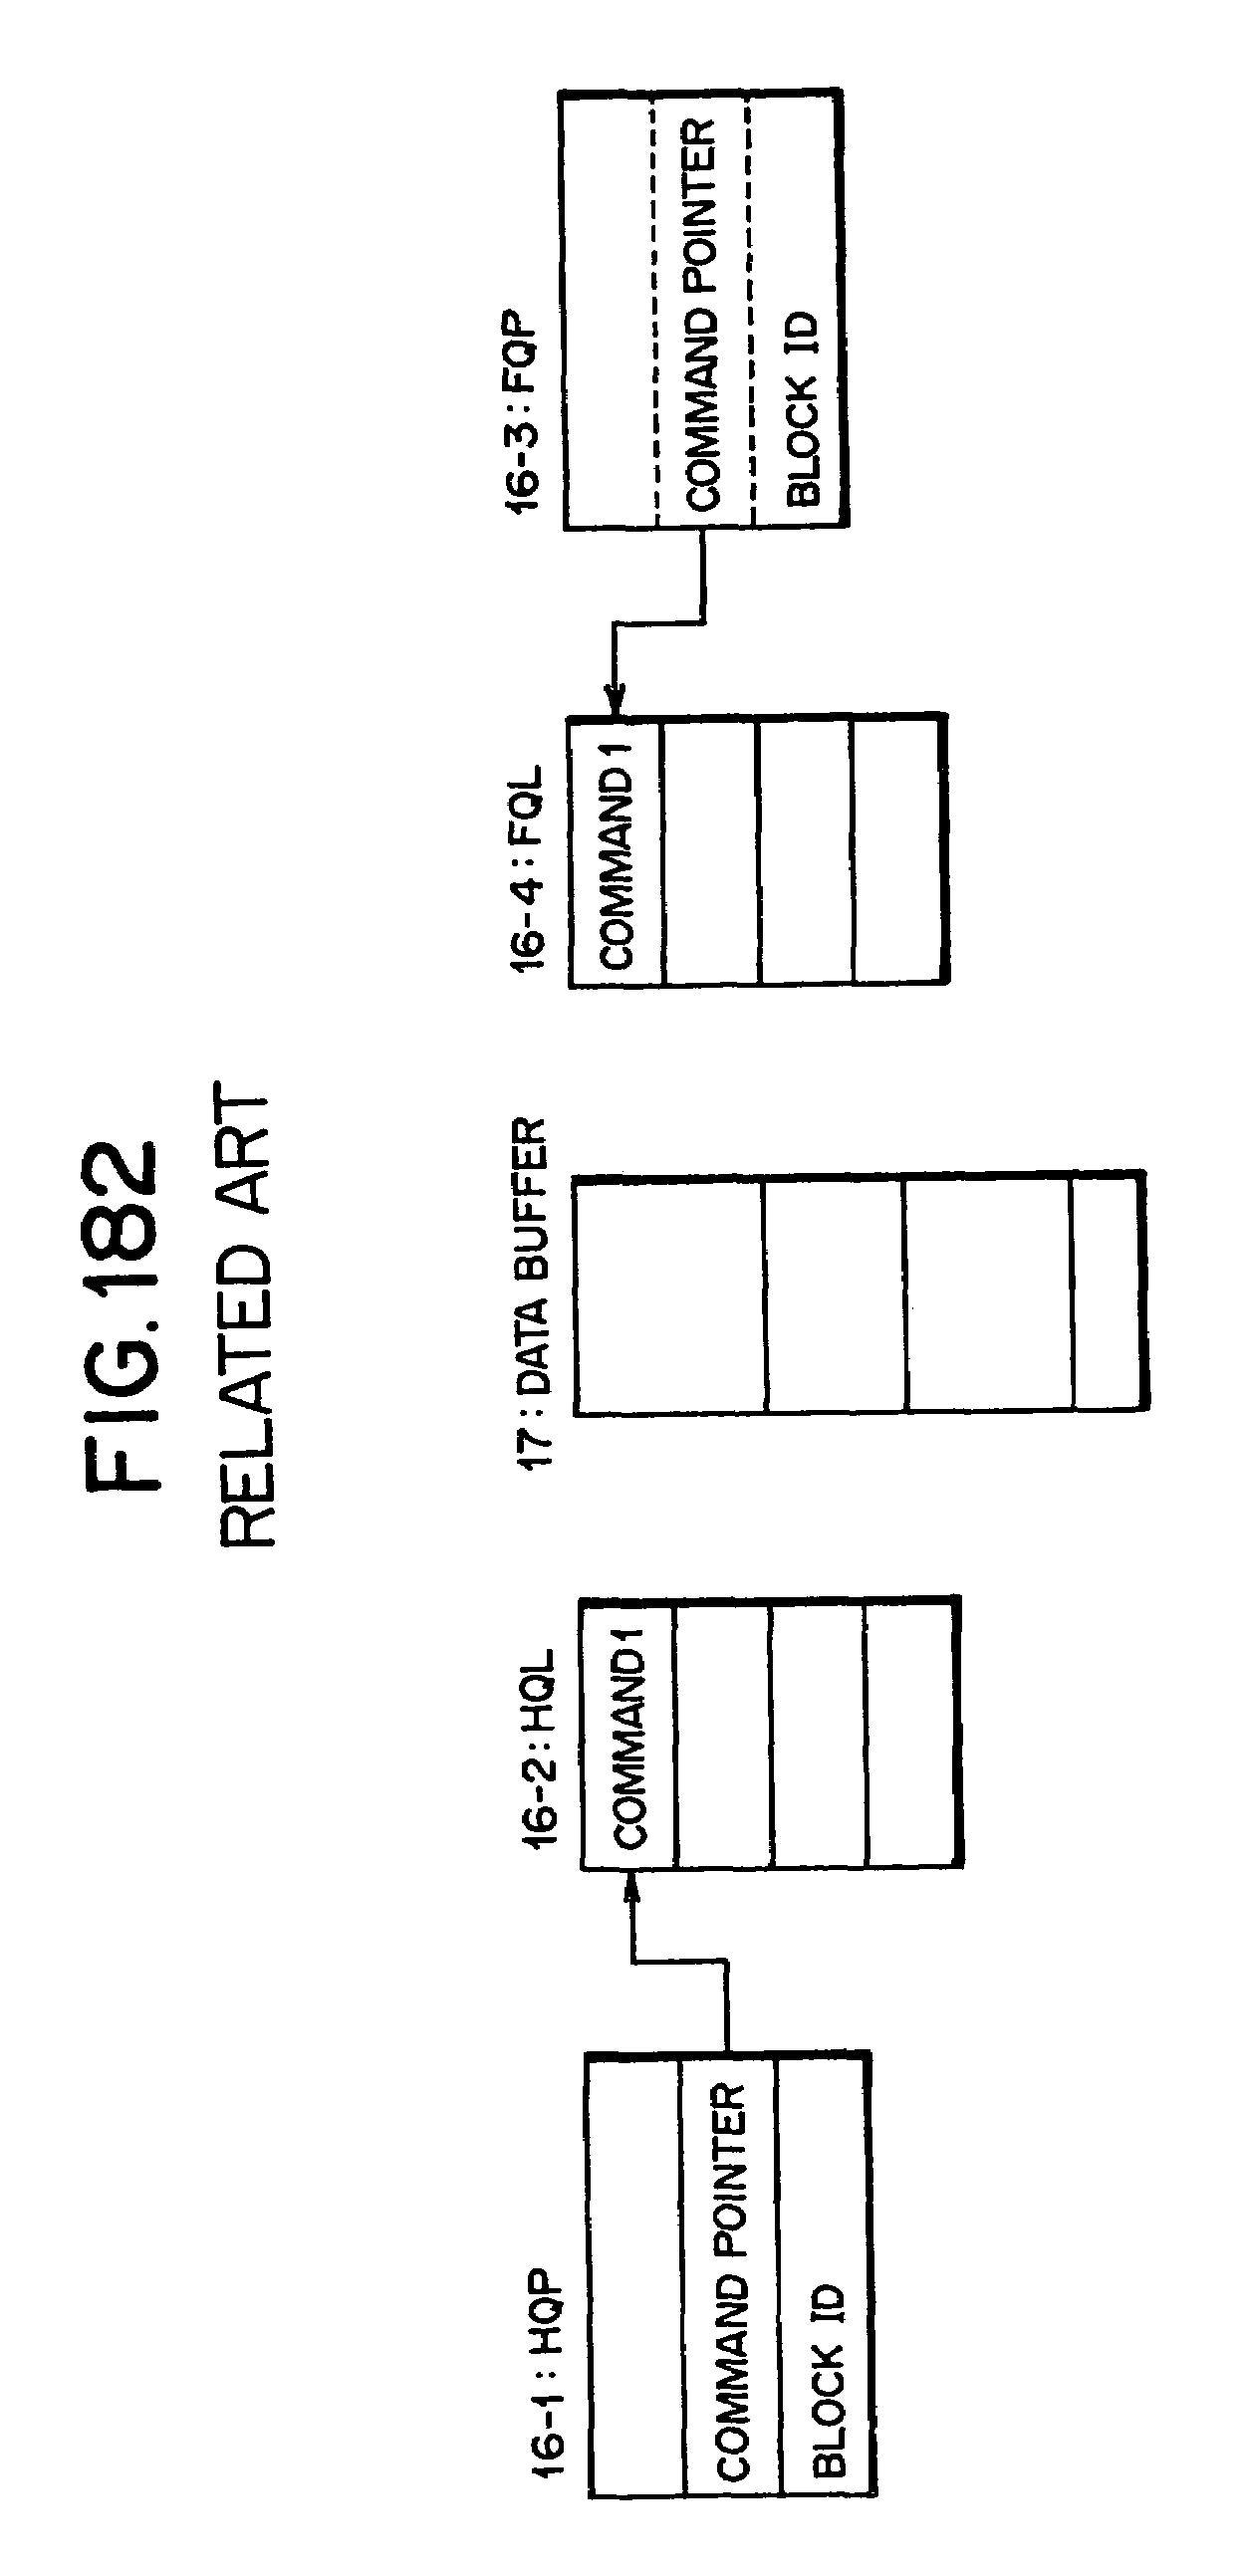 夏华ts2587abl电路图